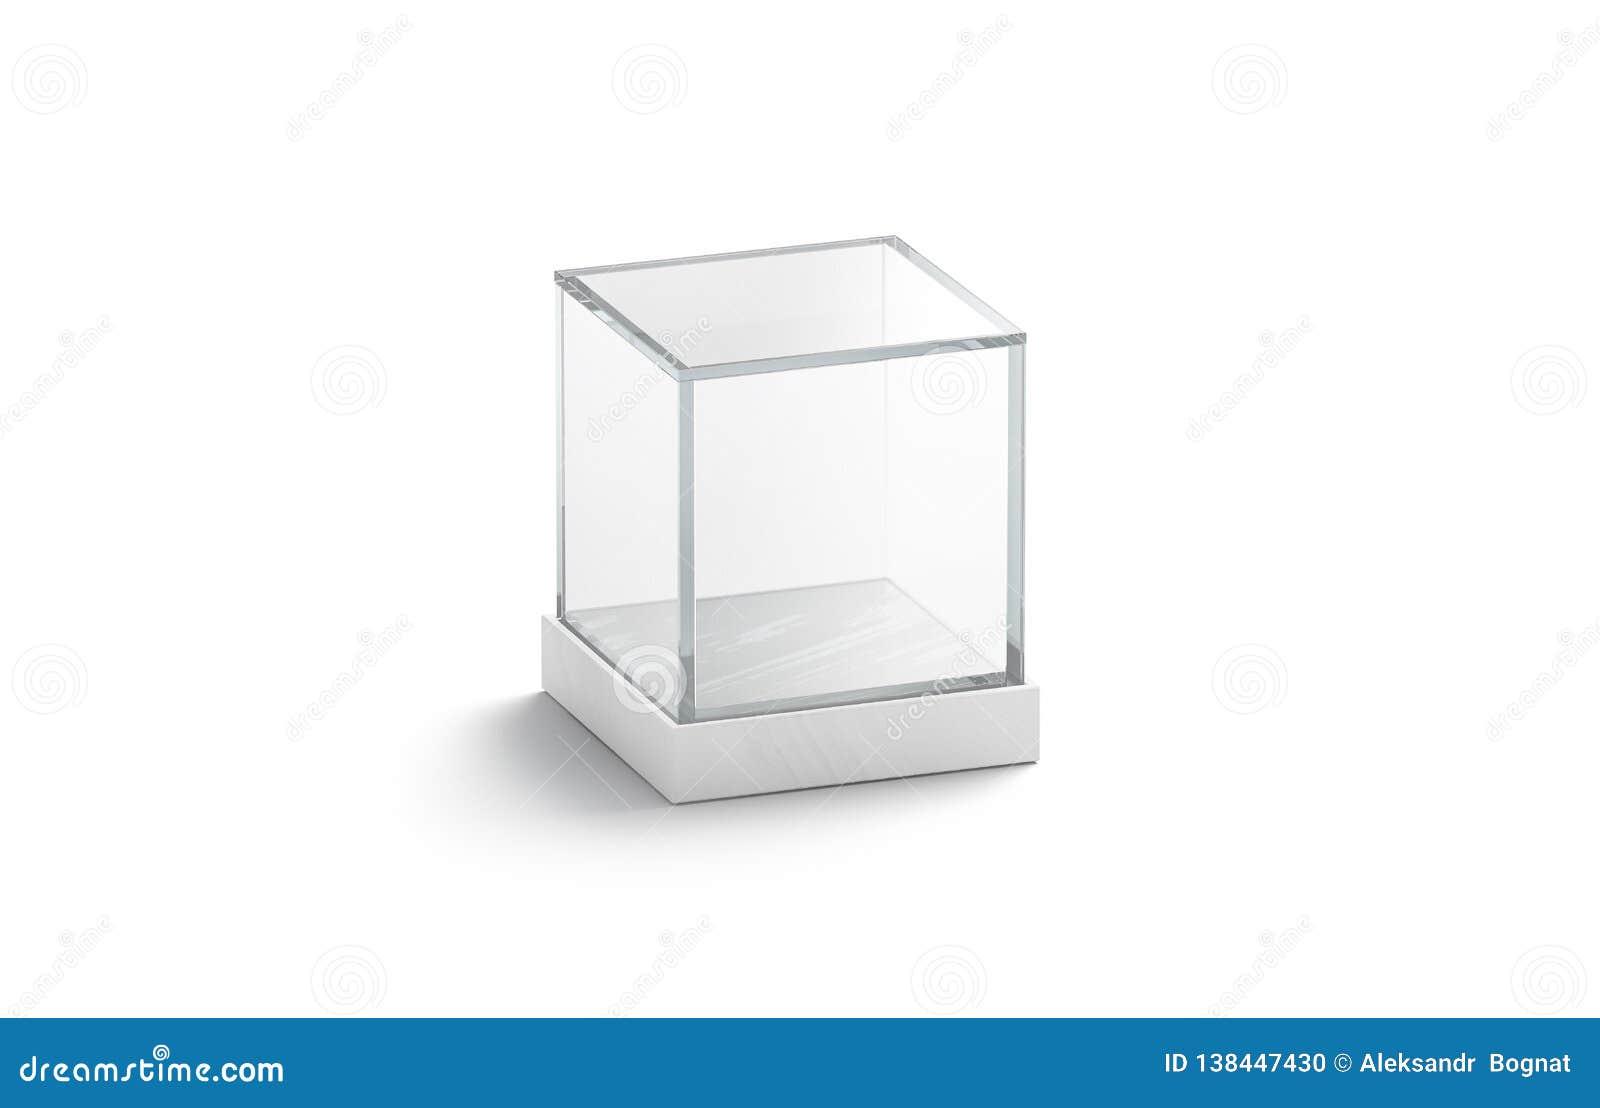 空白白色玻璃陈列室立方体嘲笑,隔绝